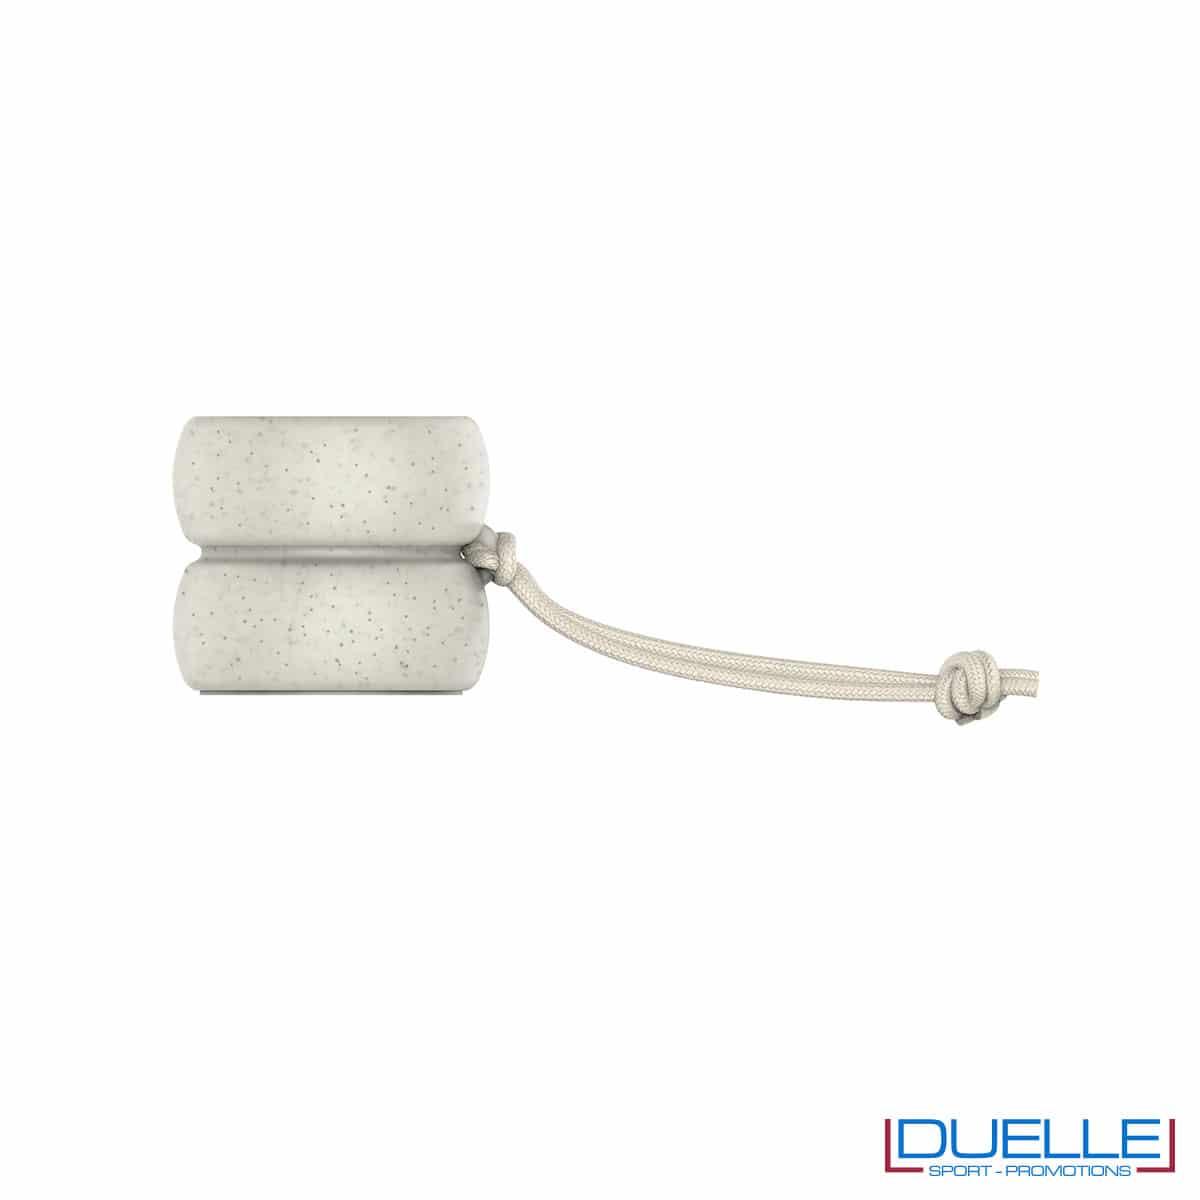 Cassa ecologica in plastica biodegradabile e fibra di grano a forma di yo-yo